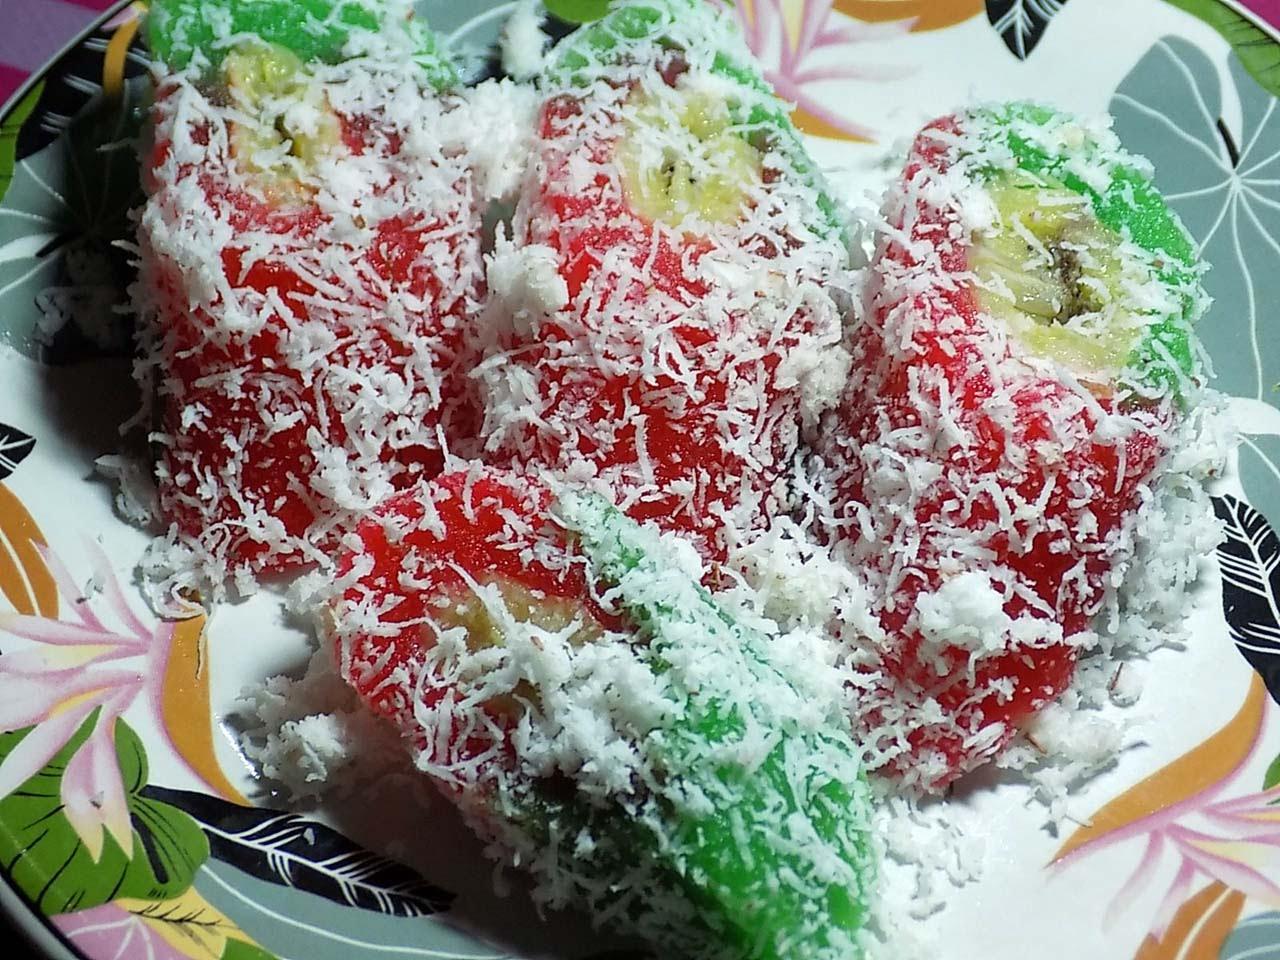 Putri Noong Kue Tradisional Bandung Yang Digemari Kuliner Bandung